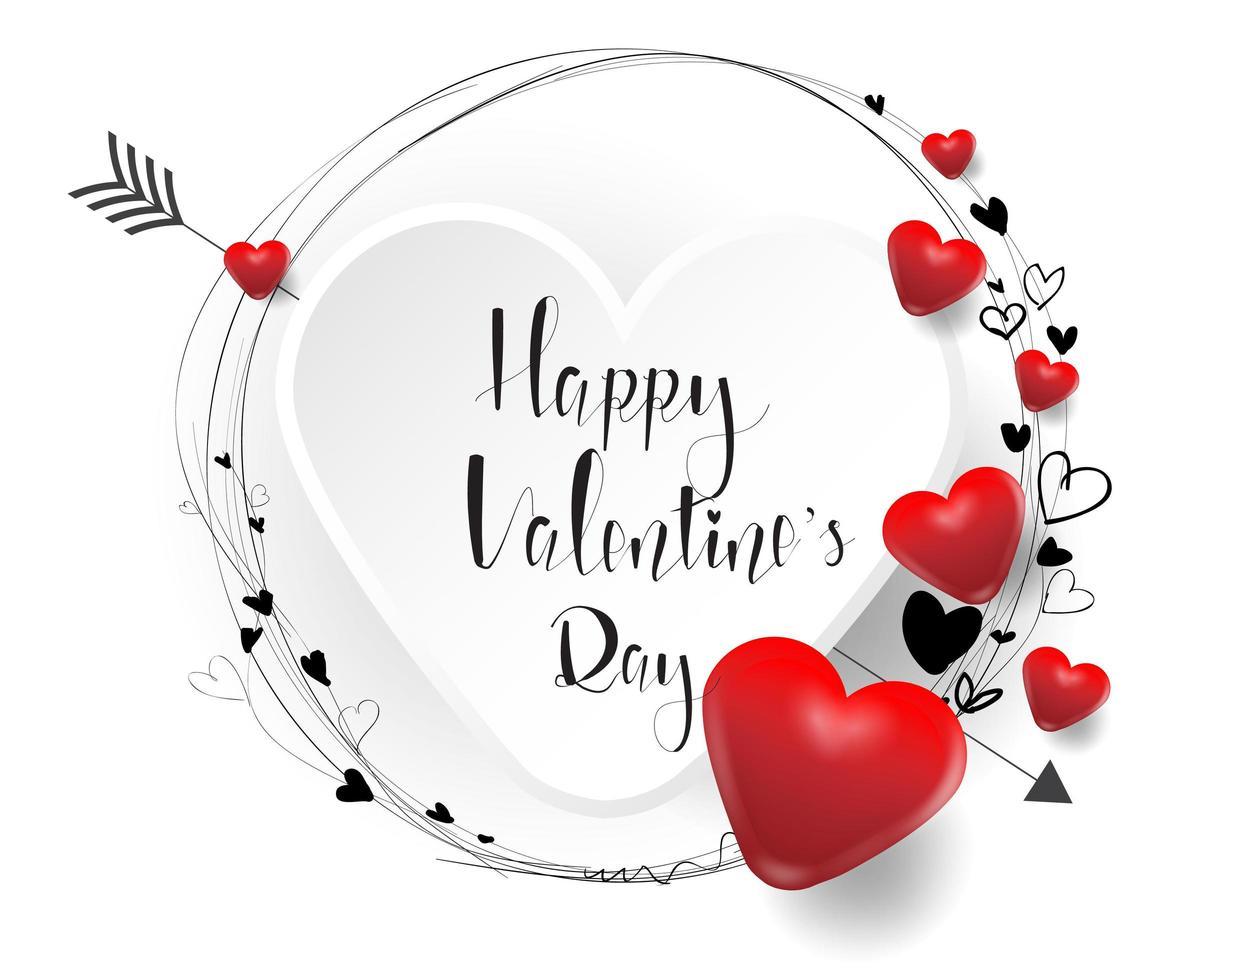 feliz día de san valentín fondo con corazones 3d vector